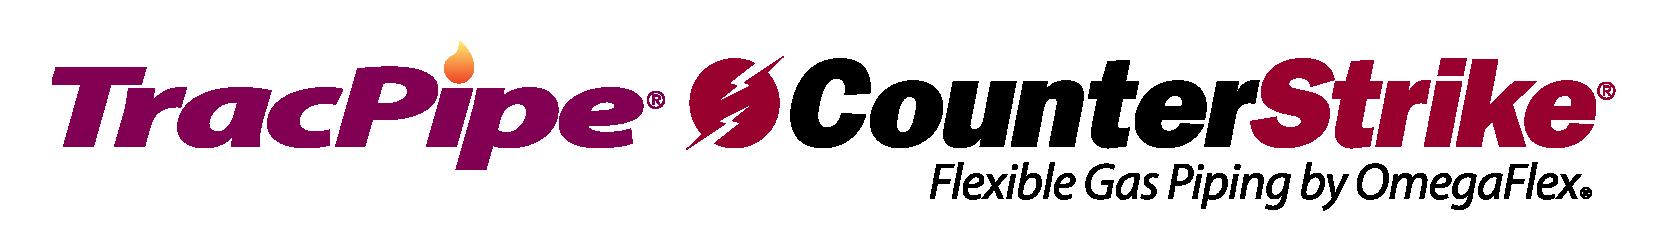 TracPipe Counter Strike